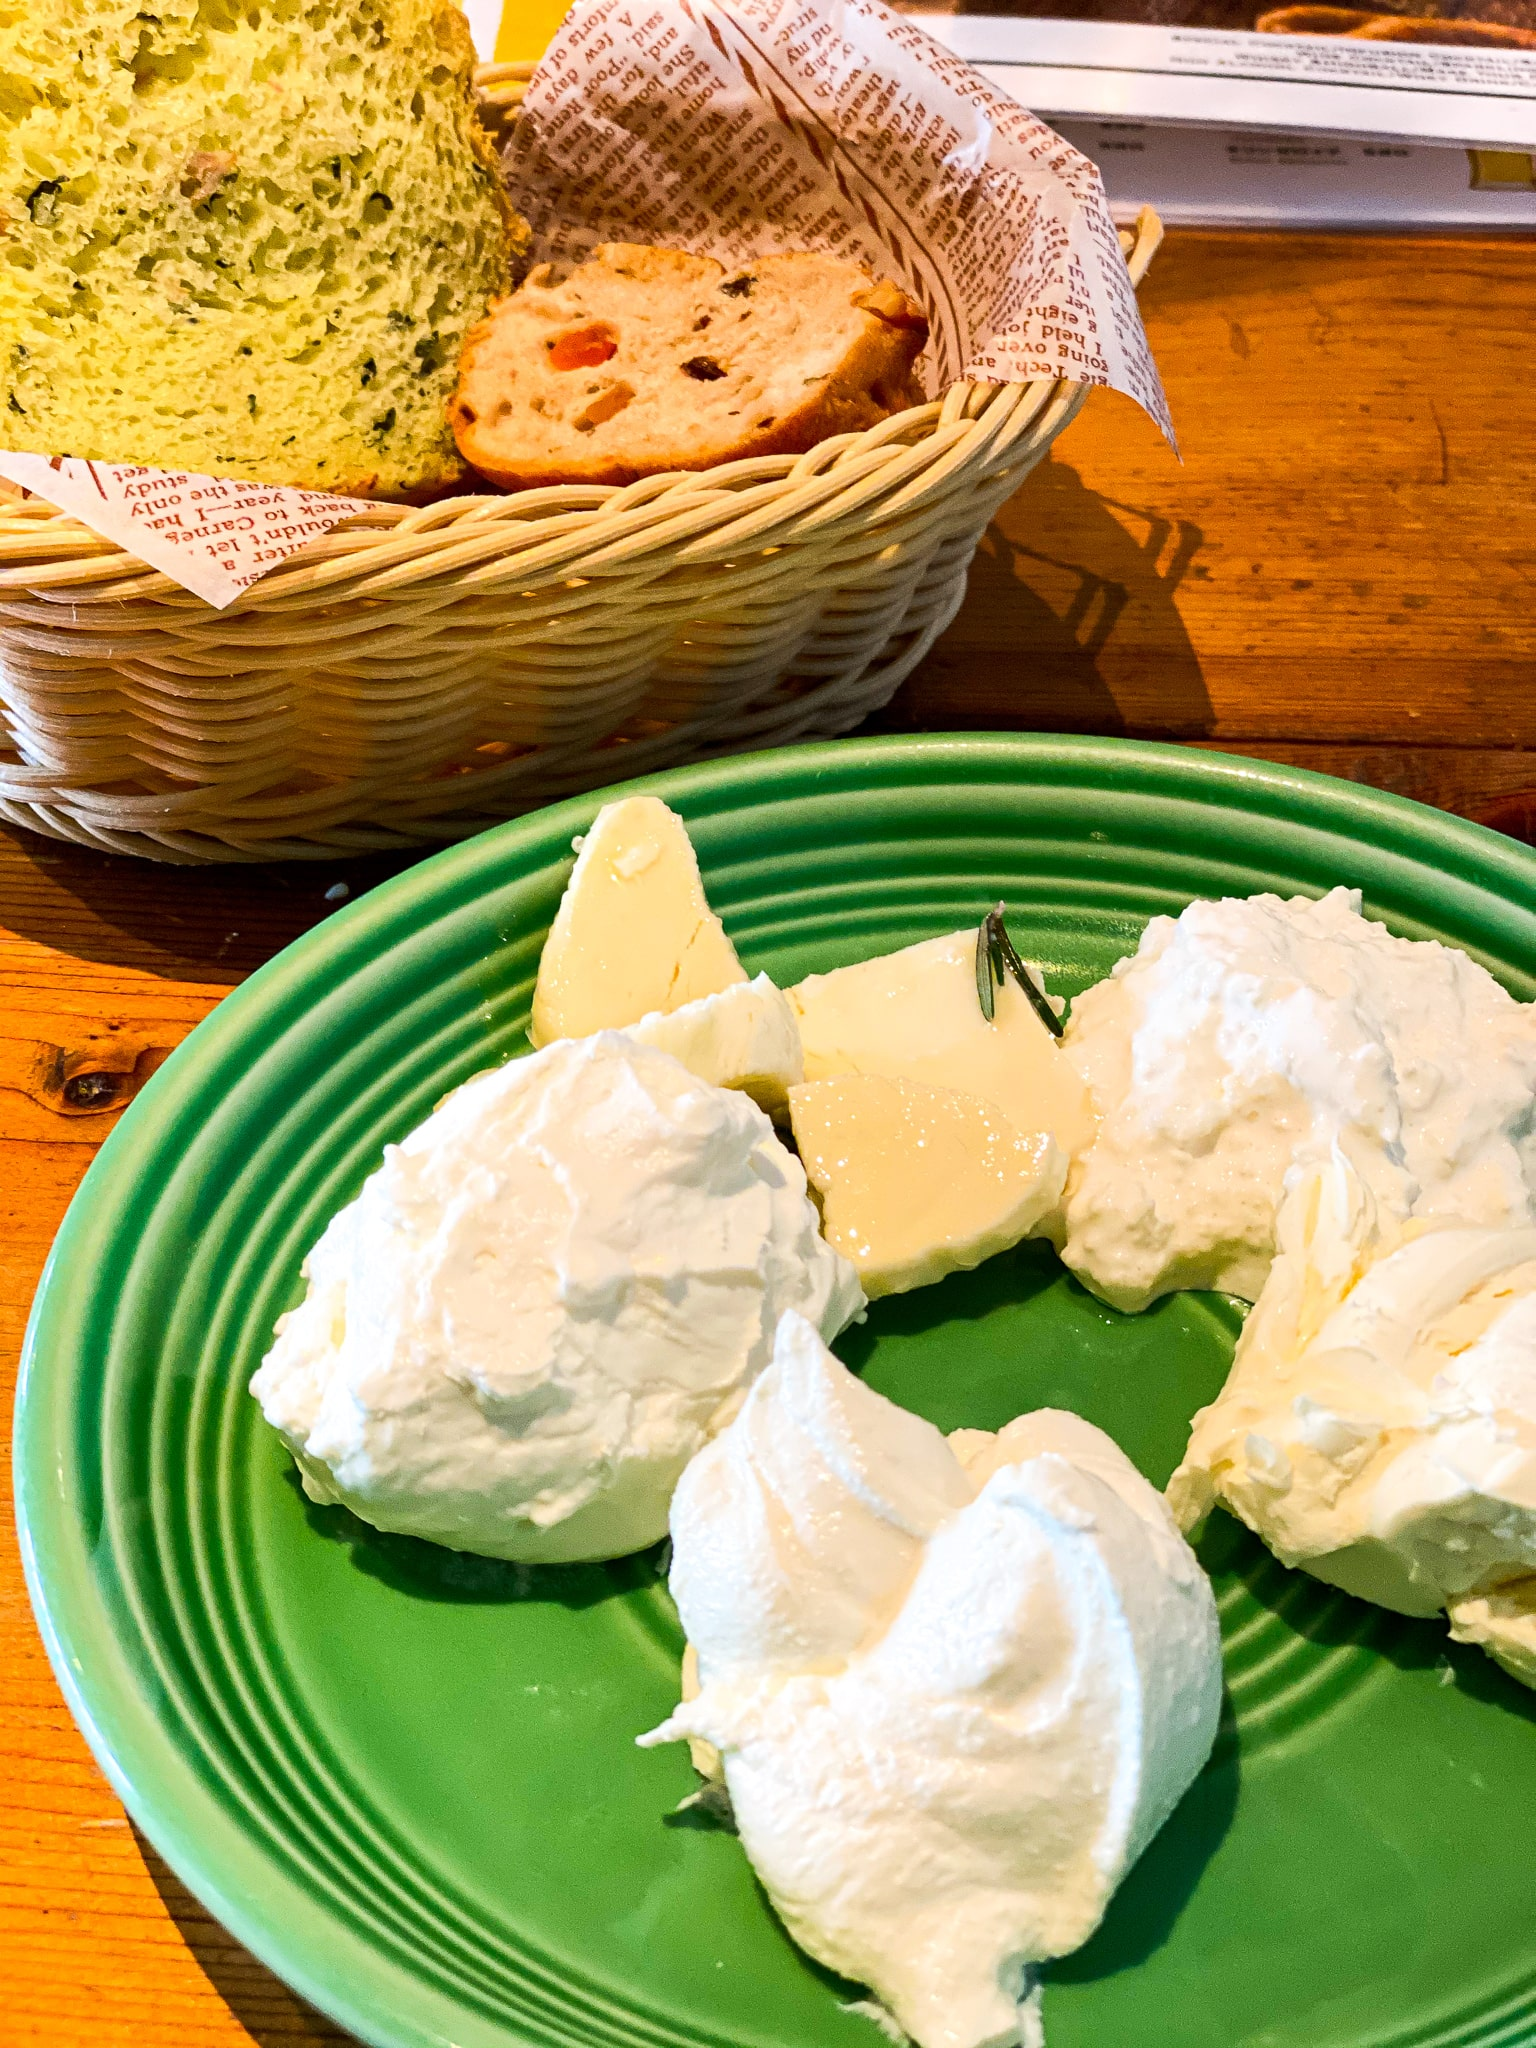 「フレッシュチーズ食べ放題」goodspoon チーズおいしい